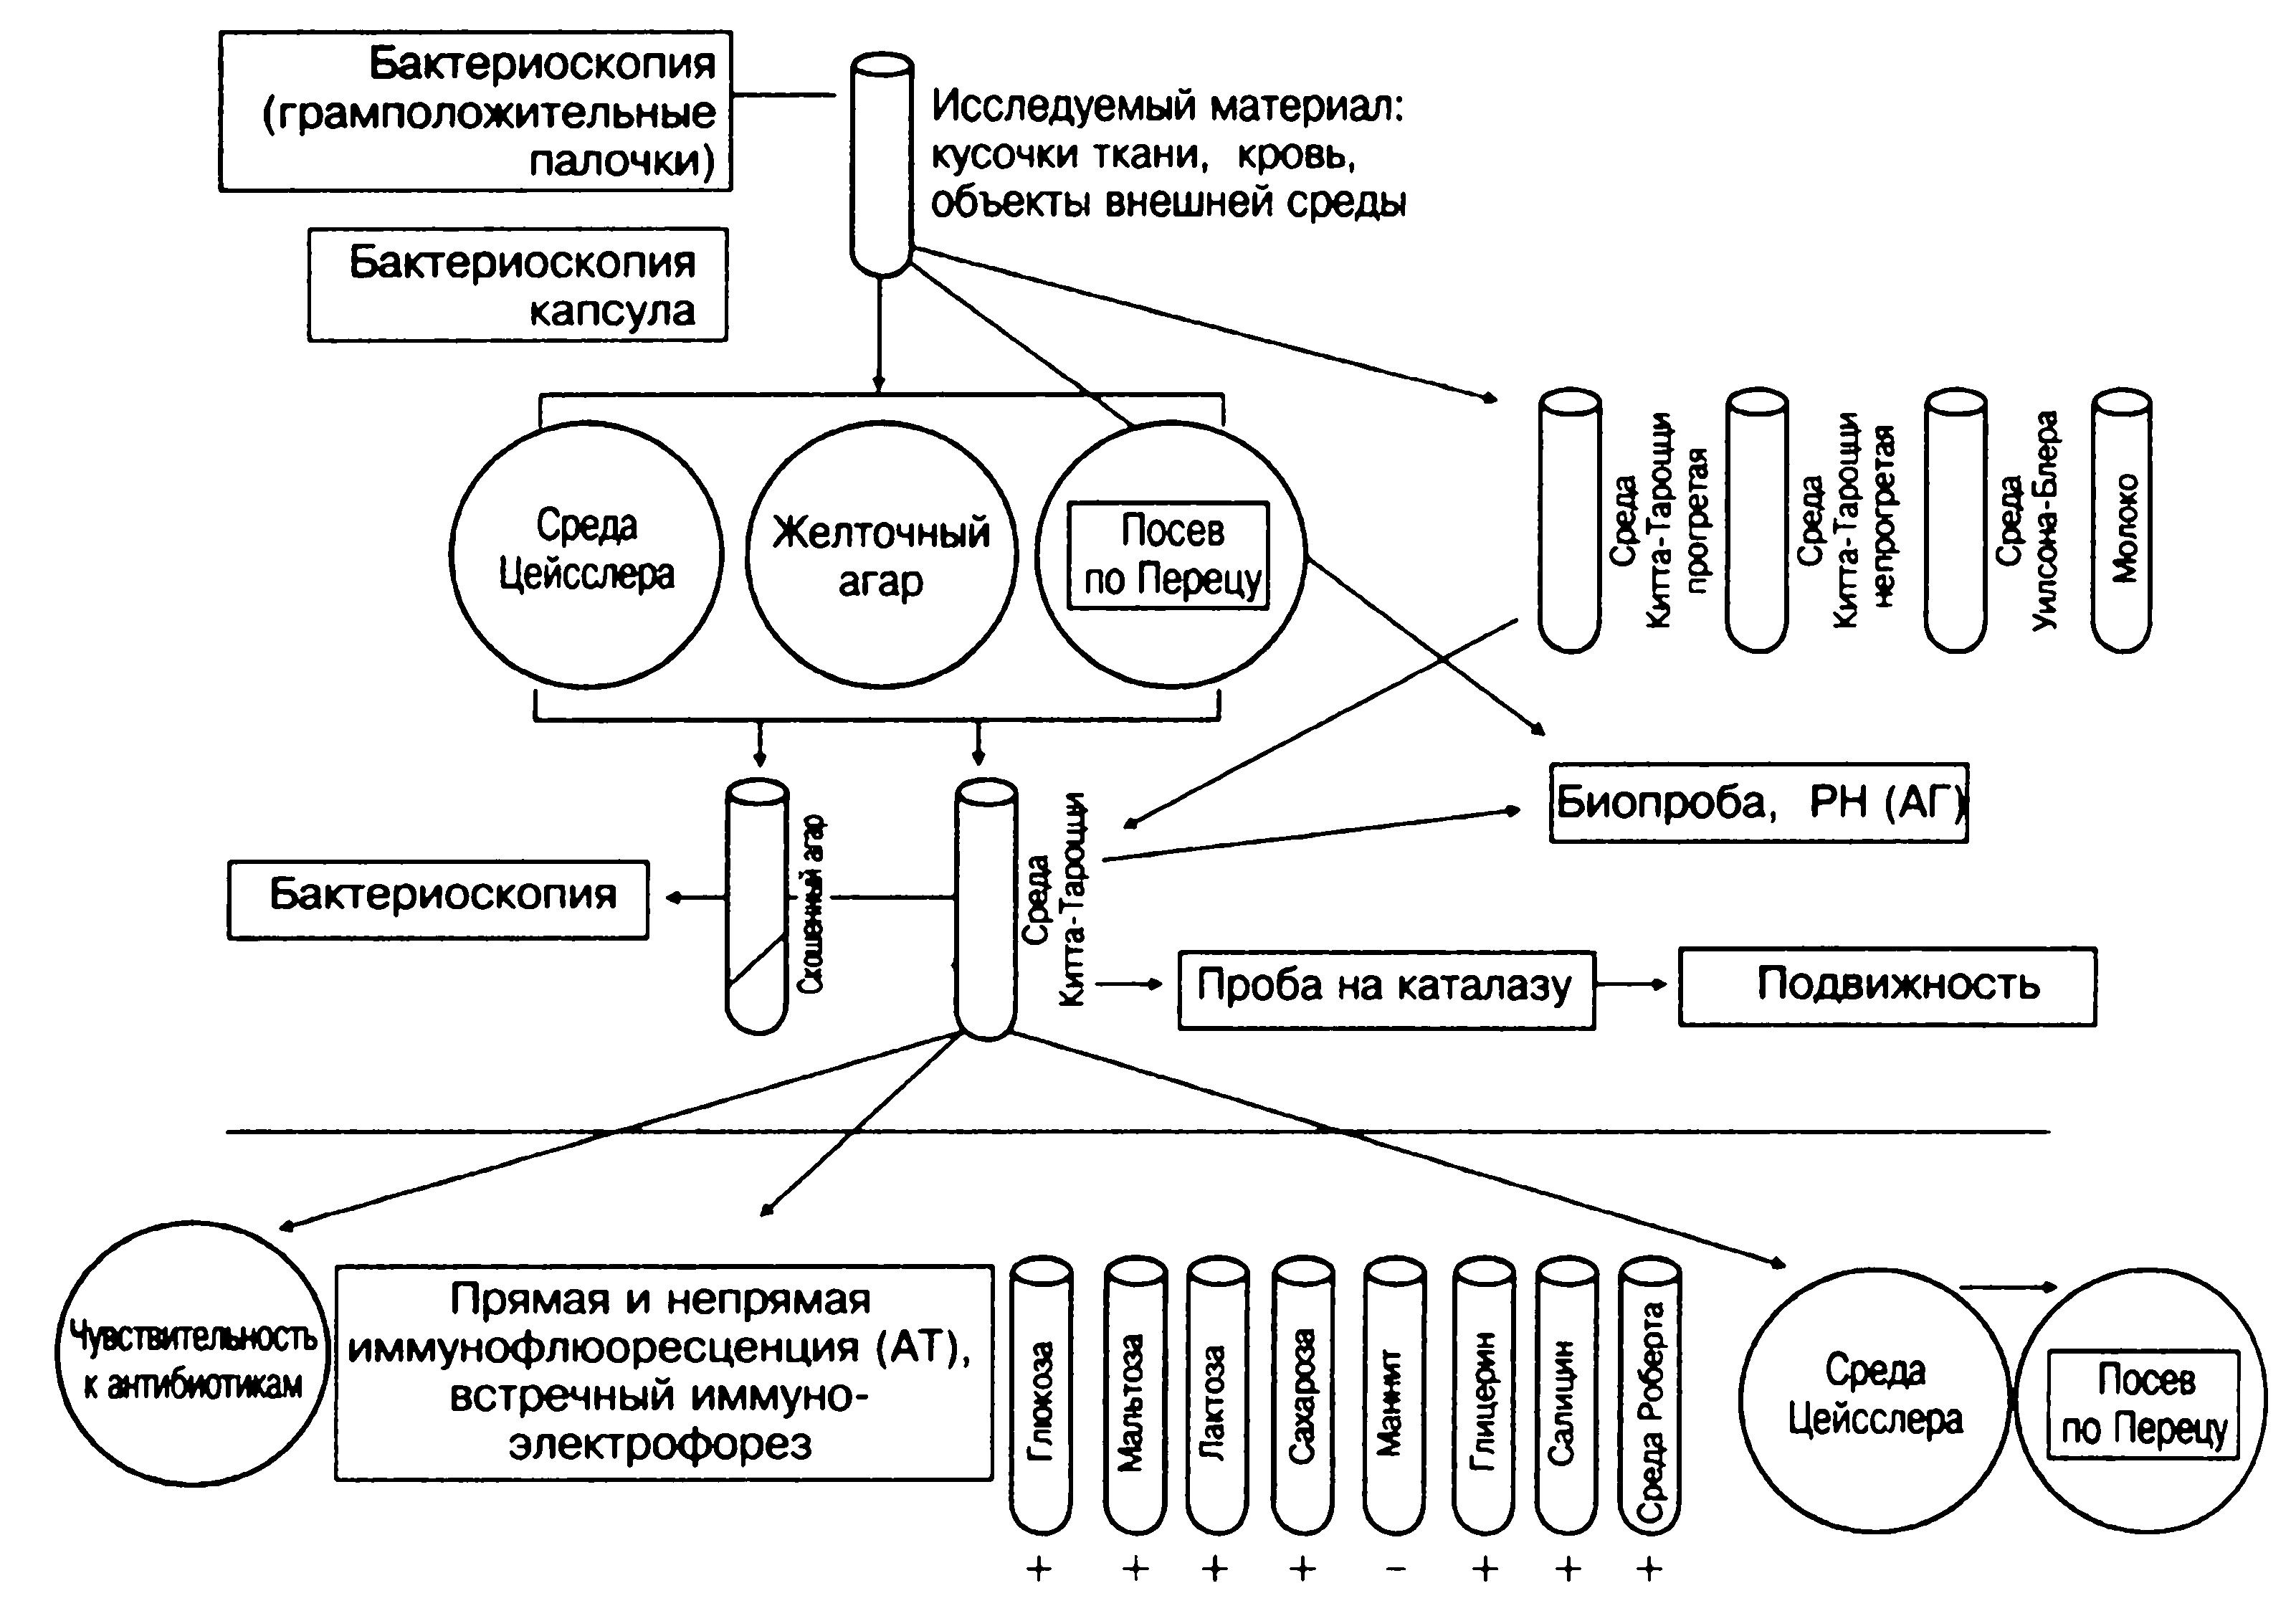 Бактериоскопическая идентификация гонококков основывается на следующих признаках